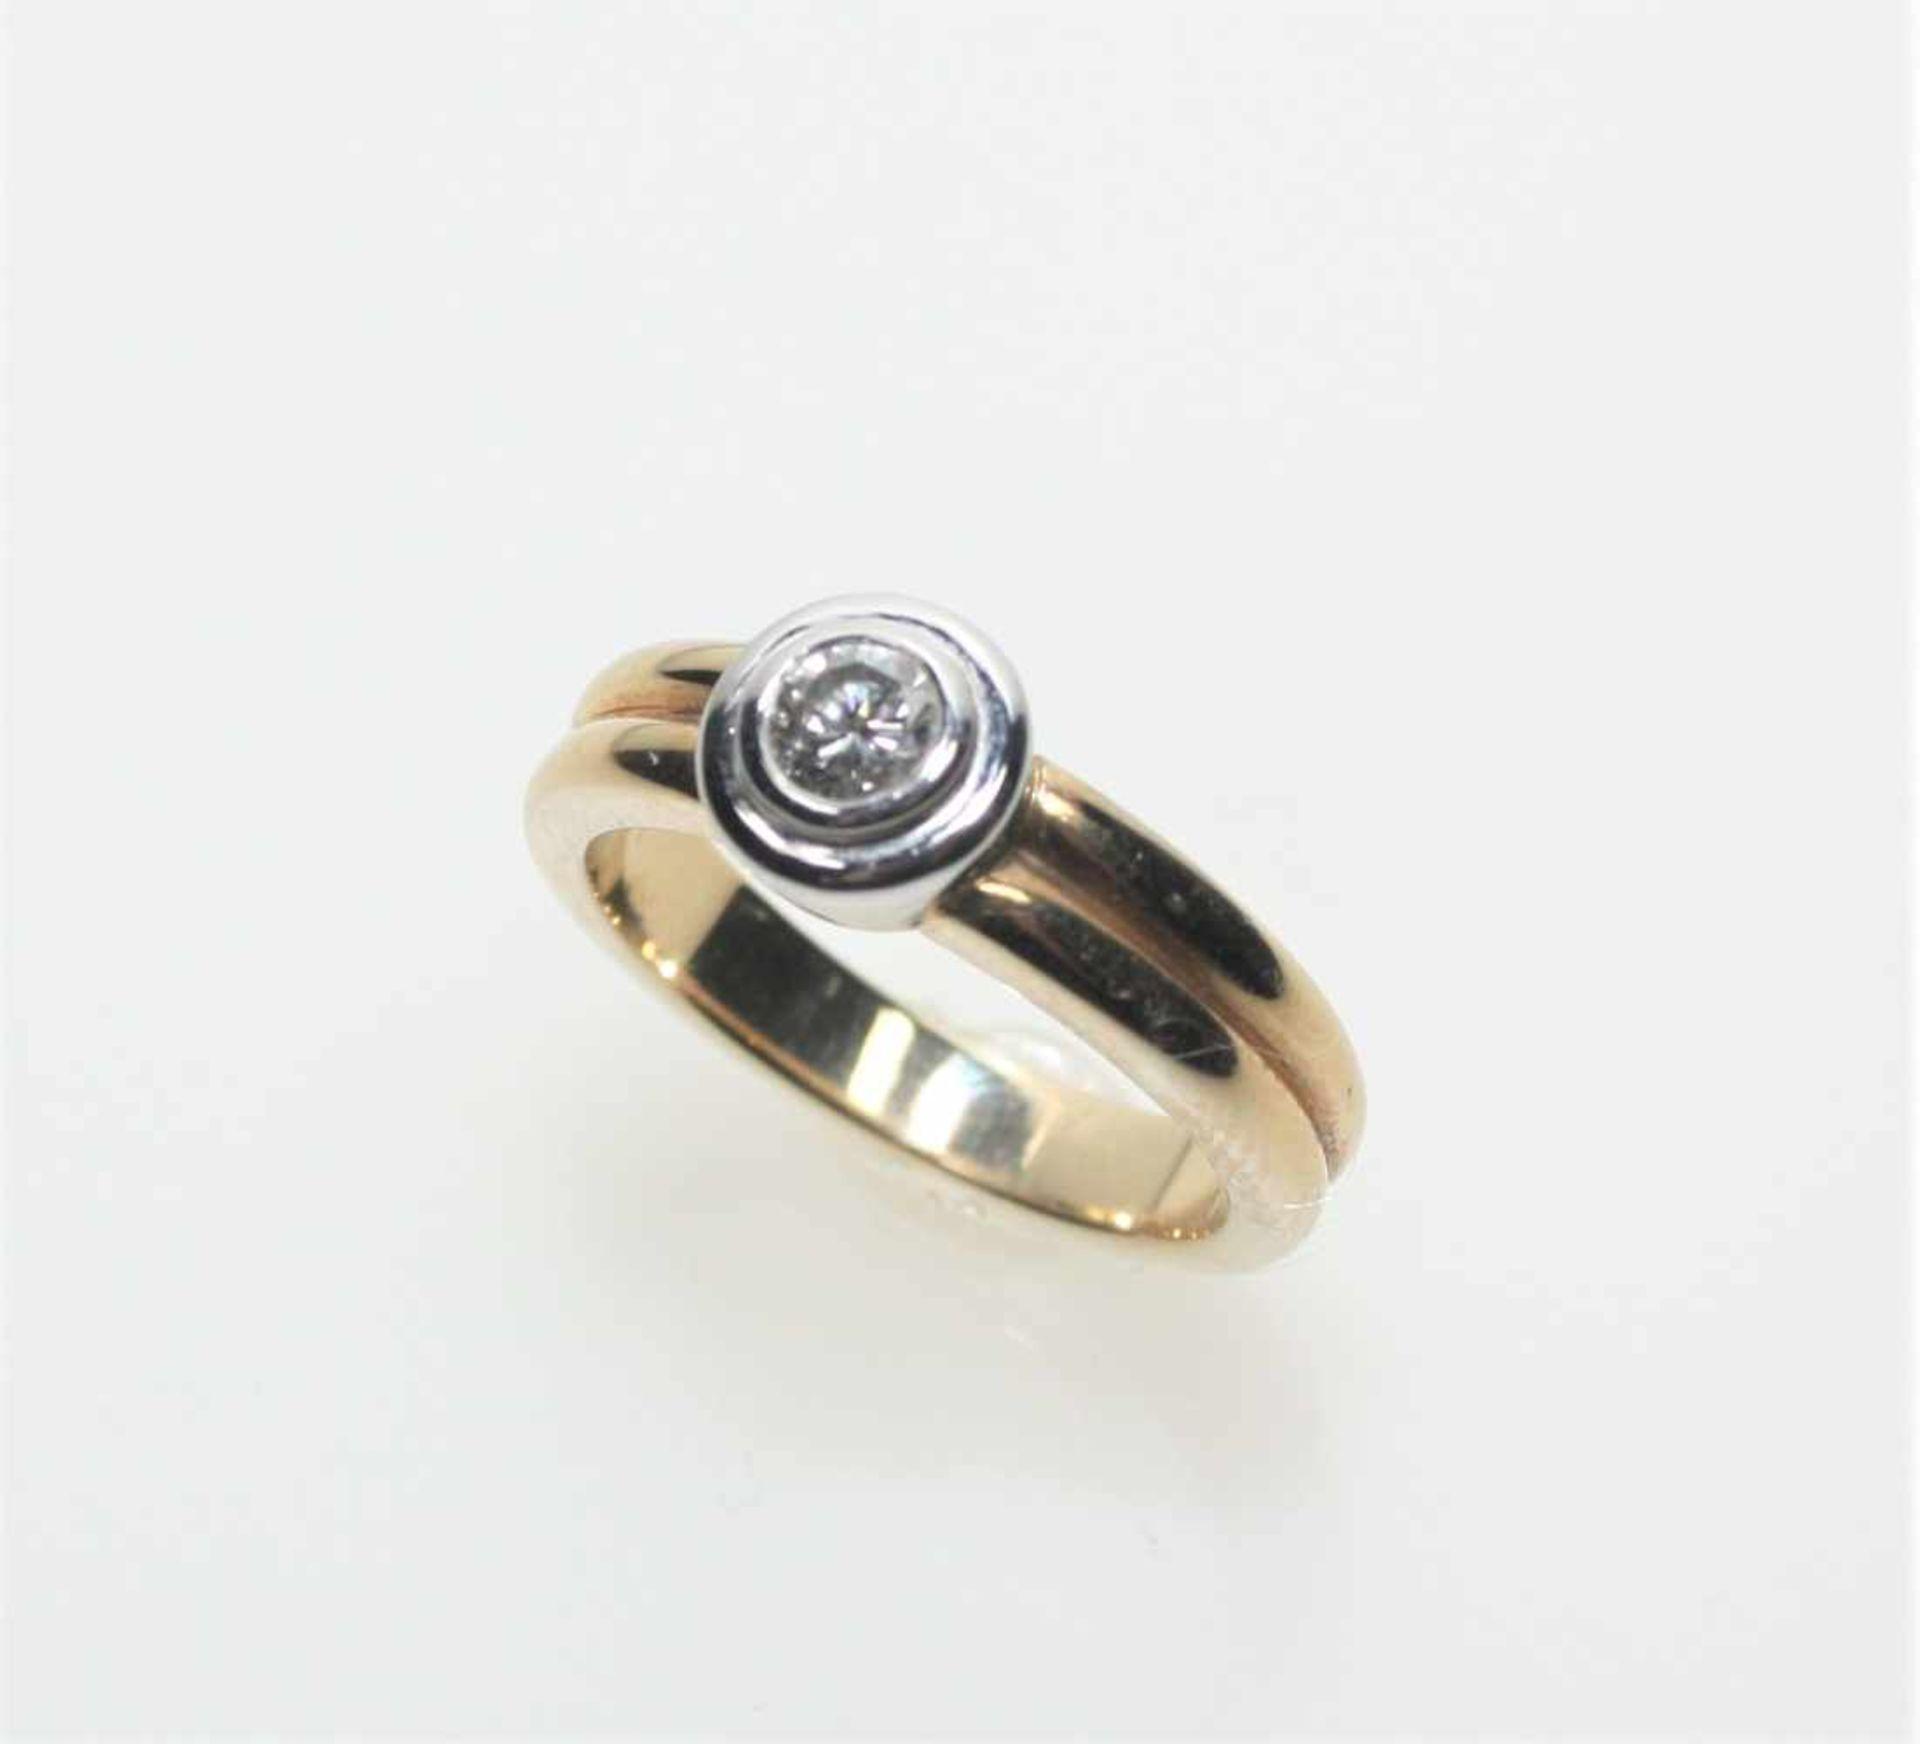 Los 13 - Moderner, goldener Ring 585/f gest., in weißgoldener Zarge ein Diamant in Brillantschliff ca. 0,30